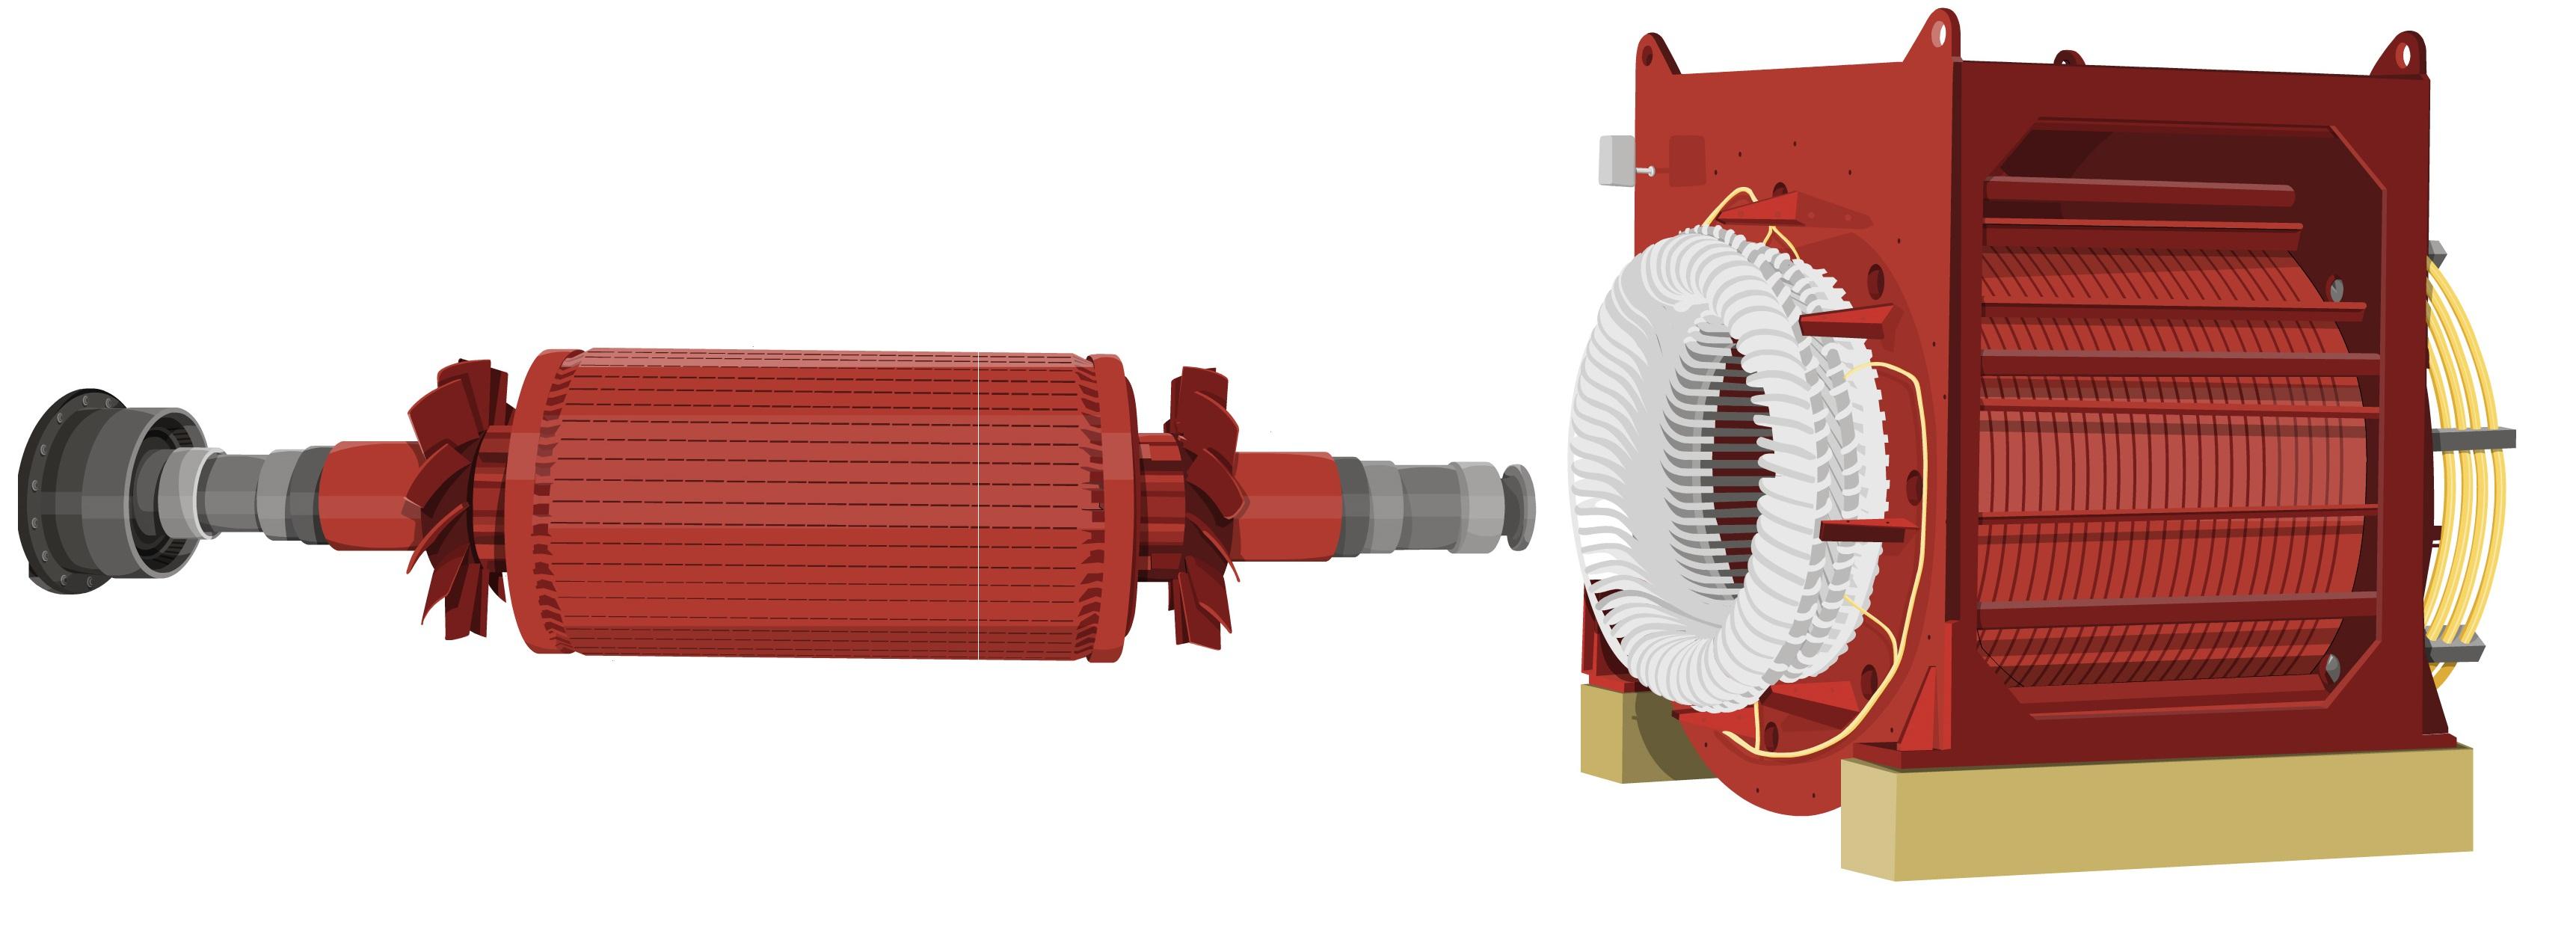 rotor y estator de un generador